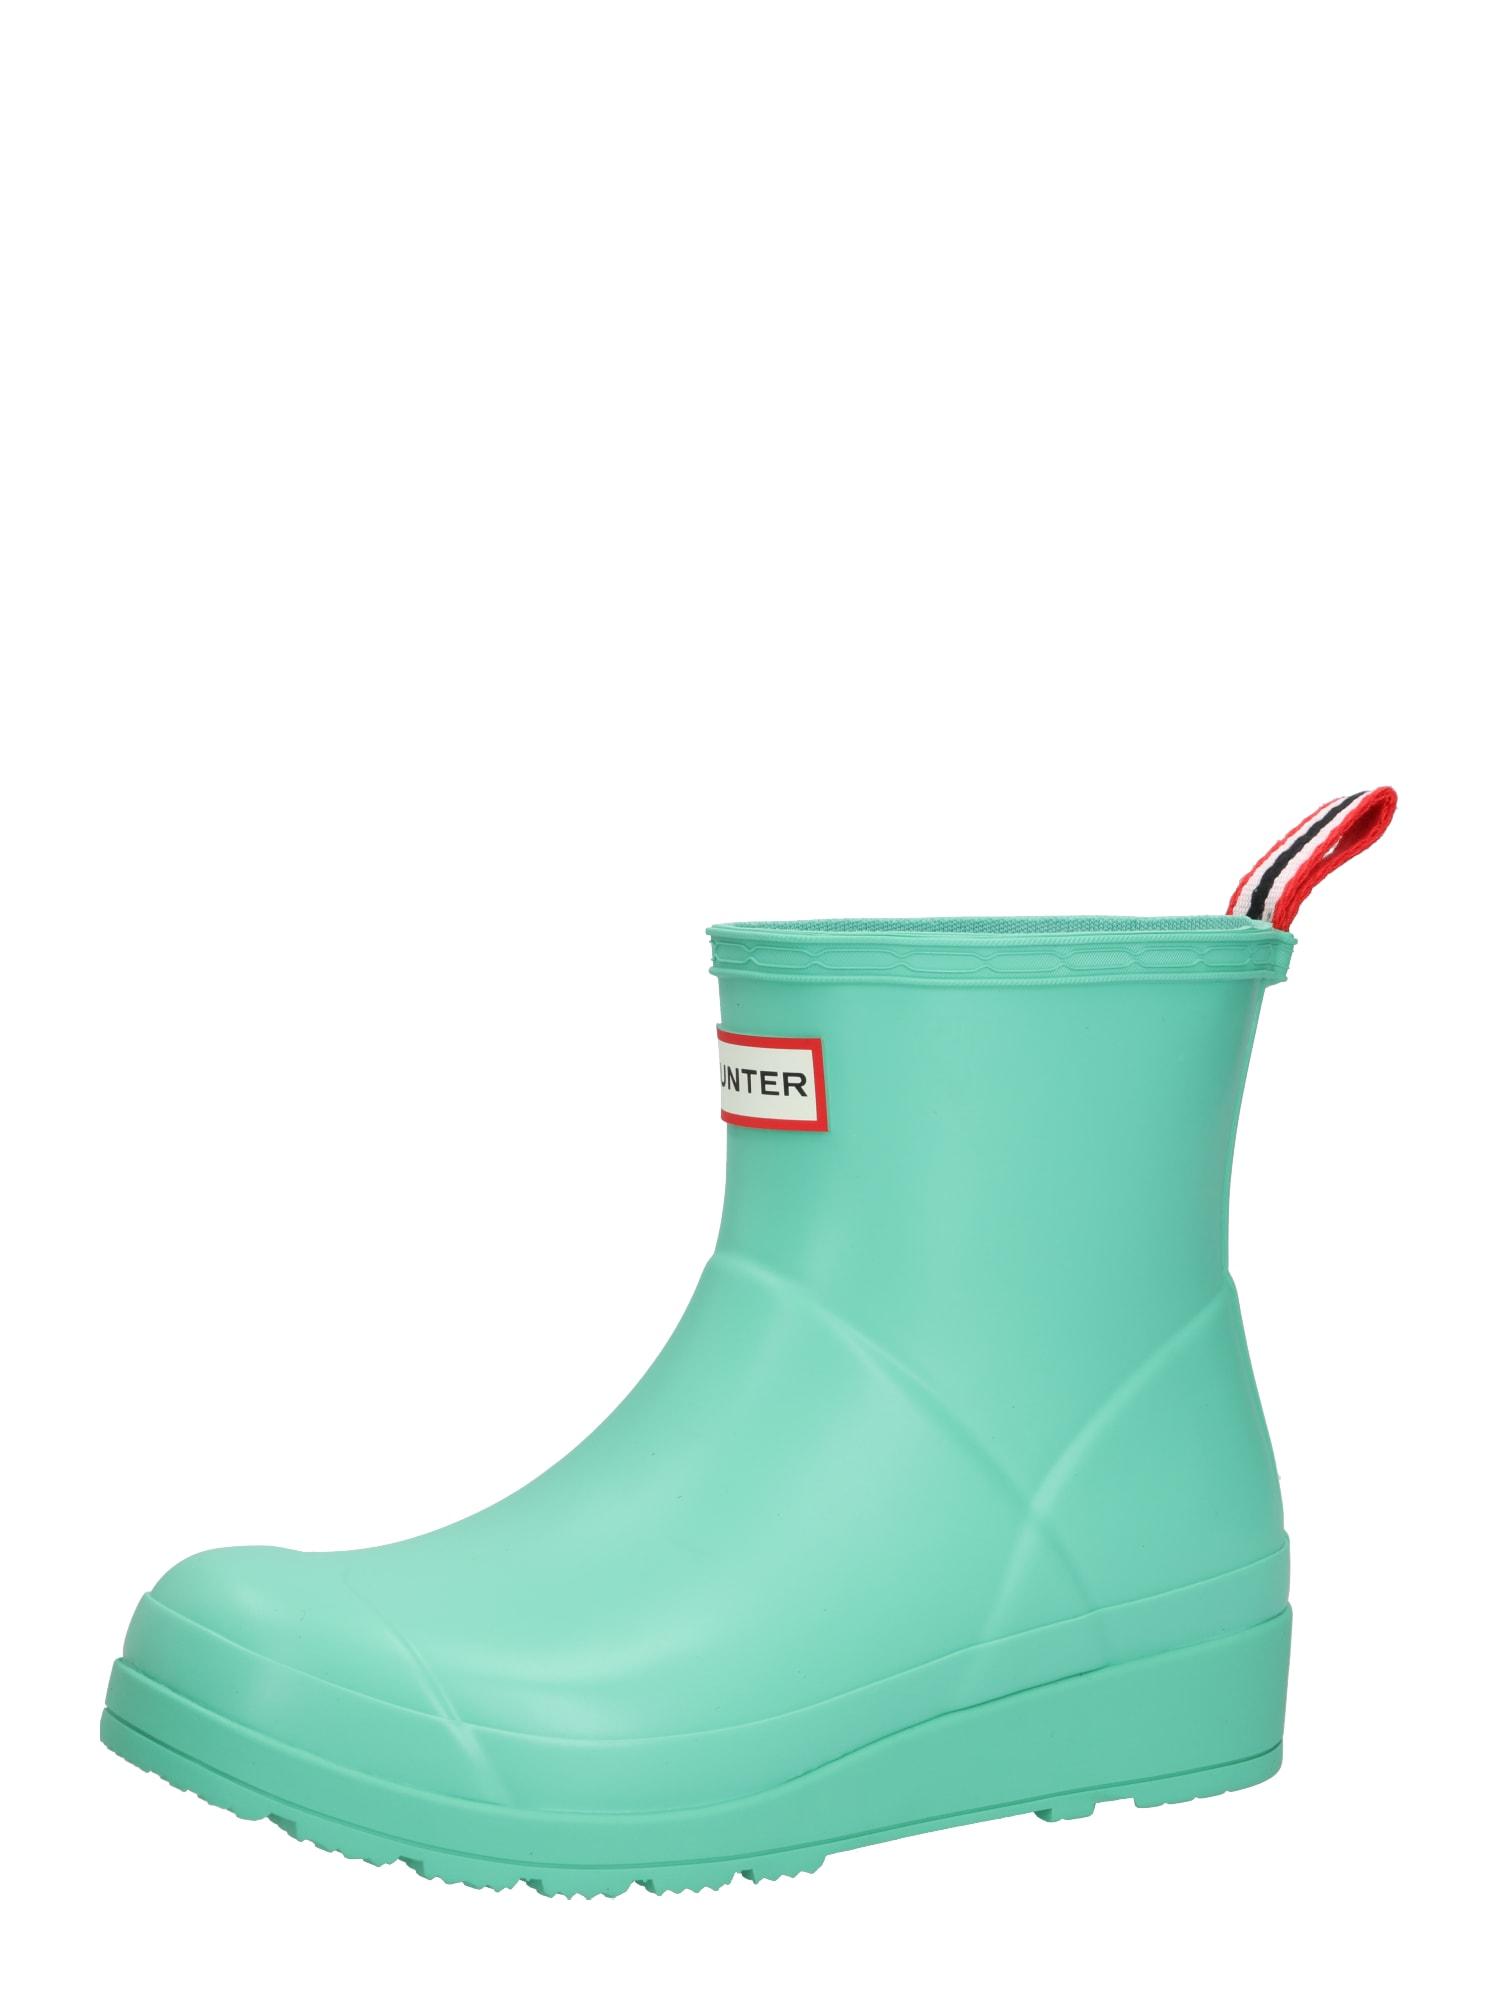 HUNTER Guminiai batai 'Play' šviesiai žalia